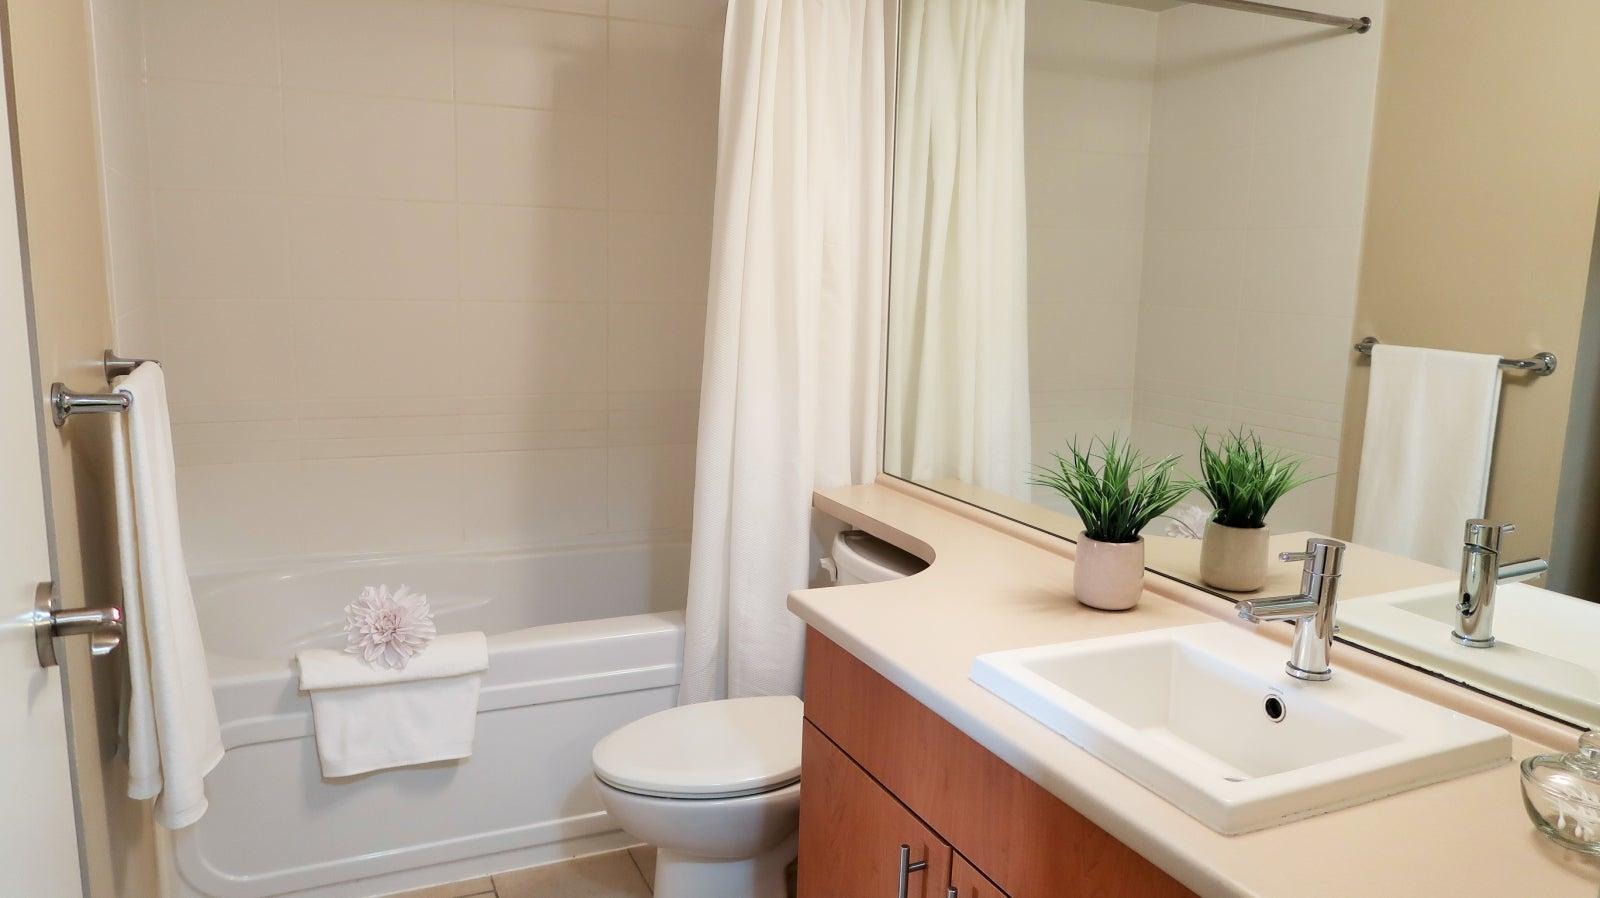 314 1633 MACKAY AVENUE - Pemberton NV Apartment/Condo for sale, 1 Bedroom (R2148211) #7